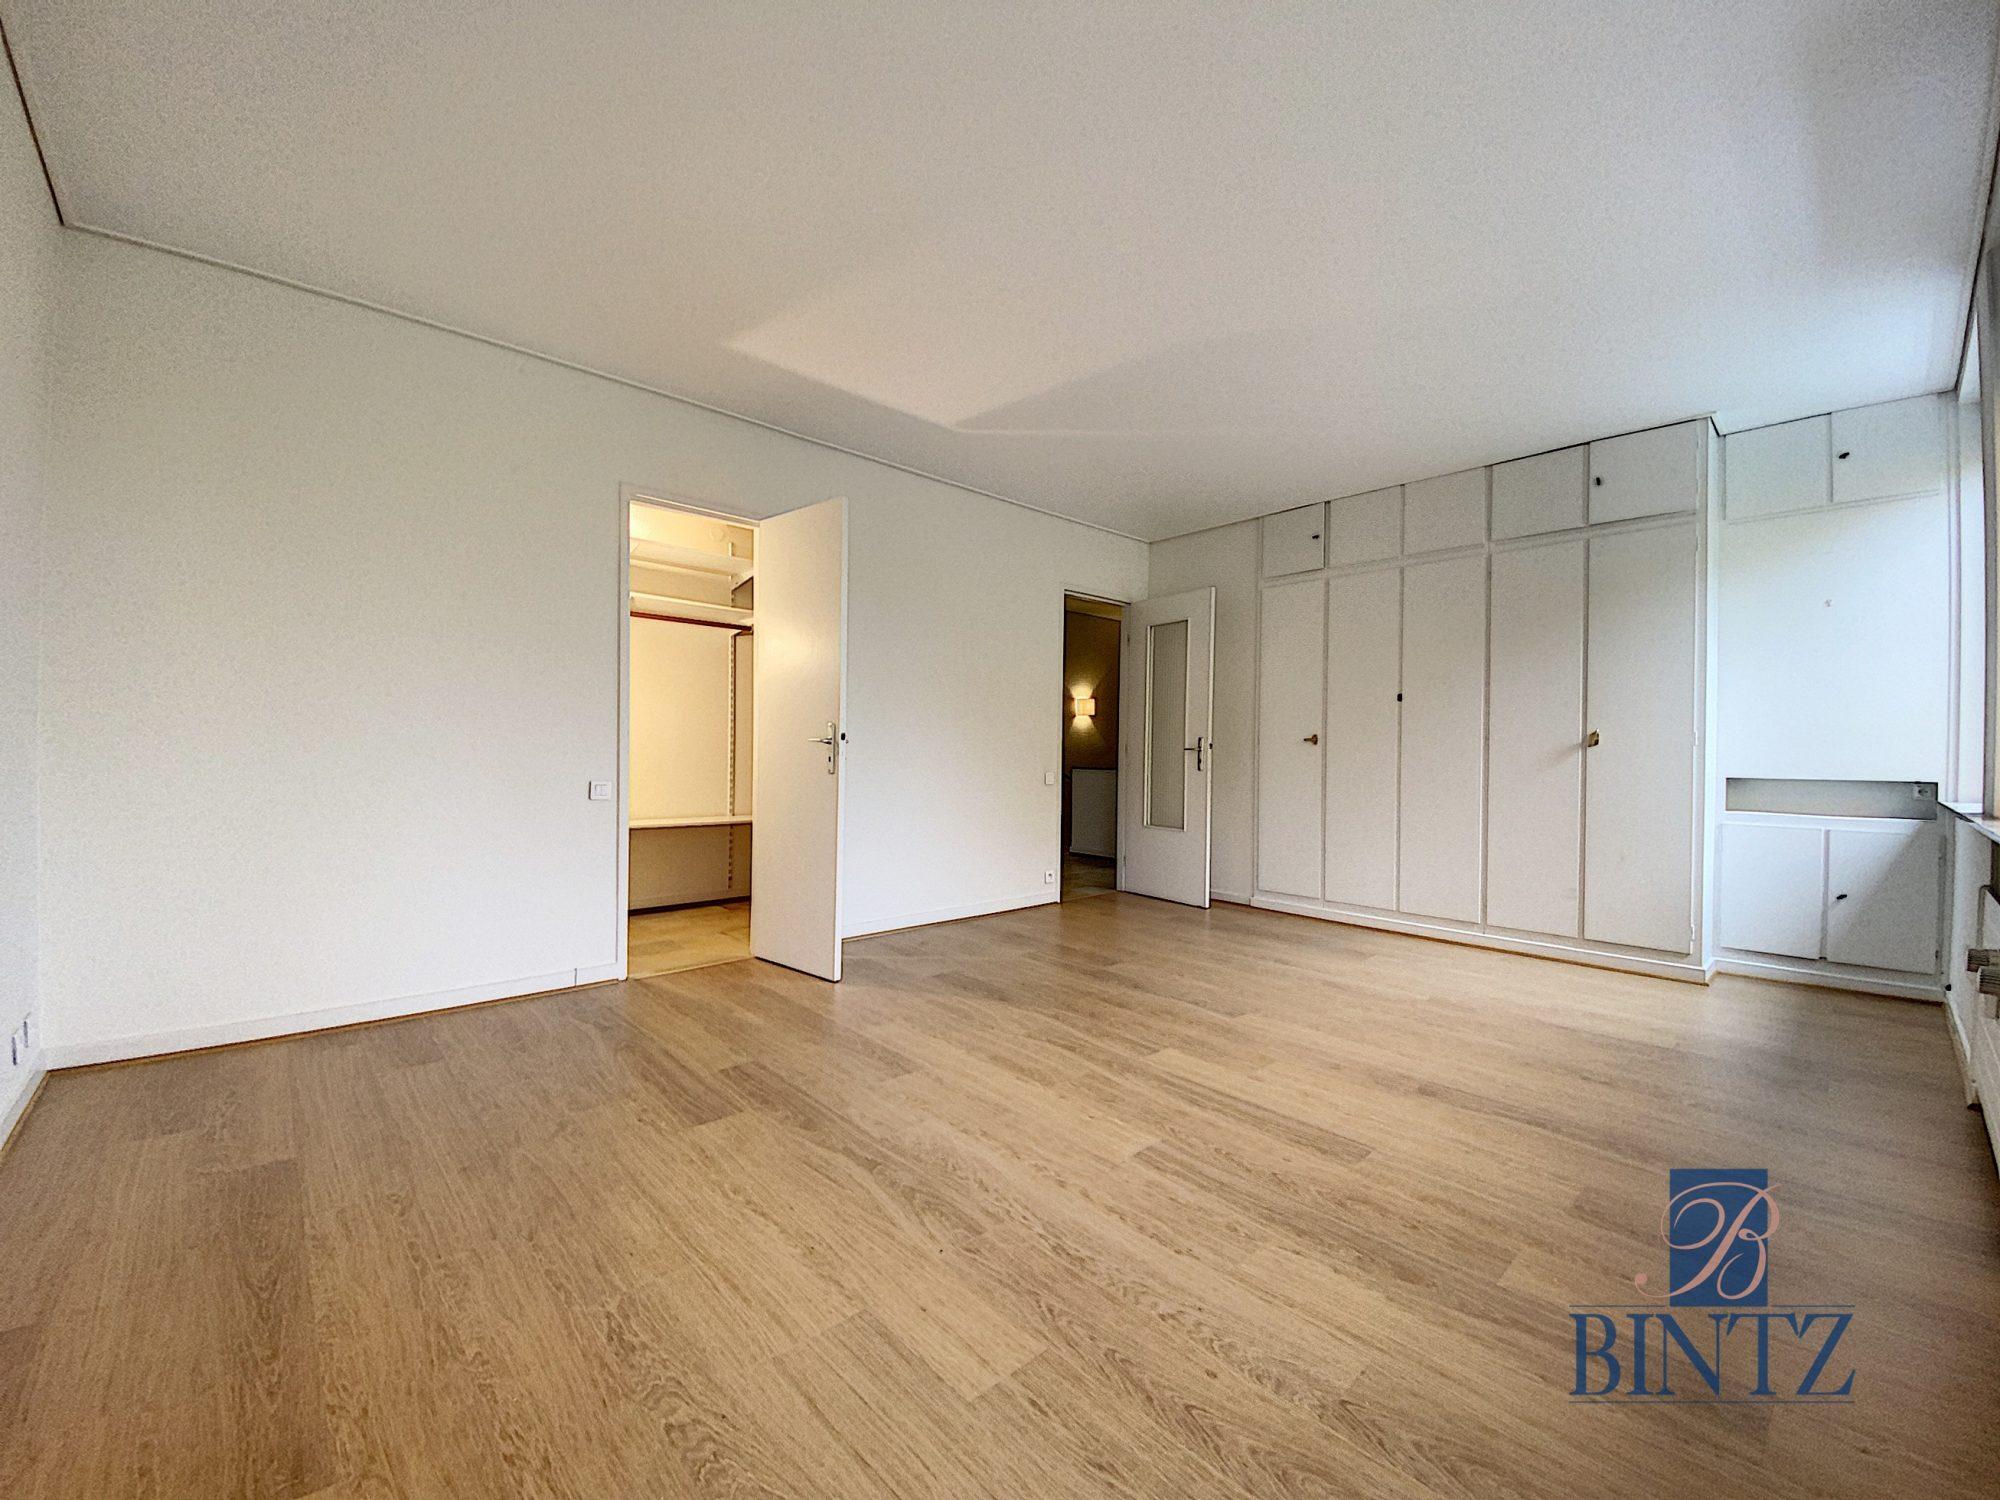 5 PIÈCES QUARTIER CONTADES - Devenez locataire en toute sérénité - Bintz Immobilier - 14